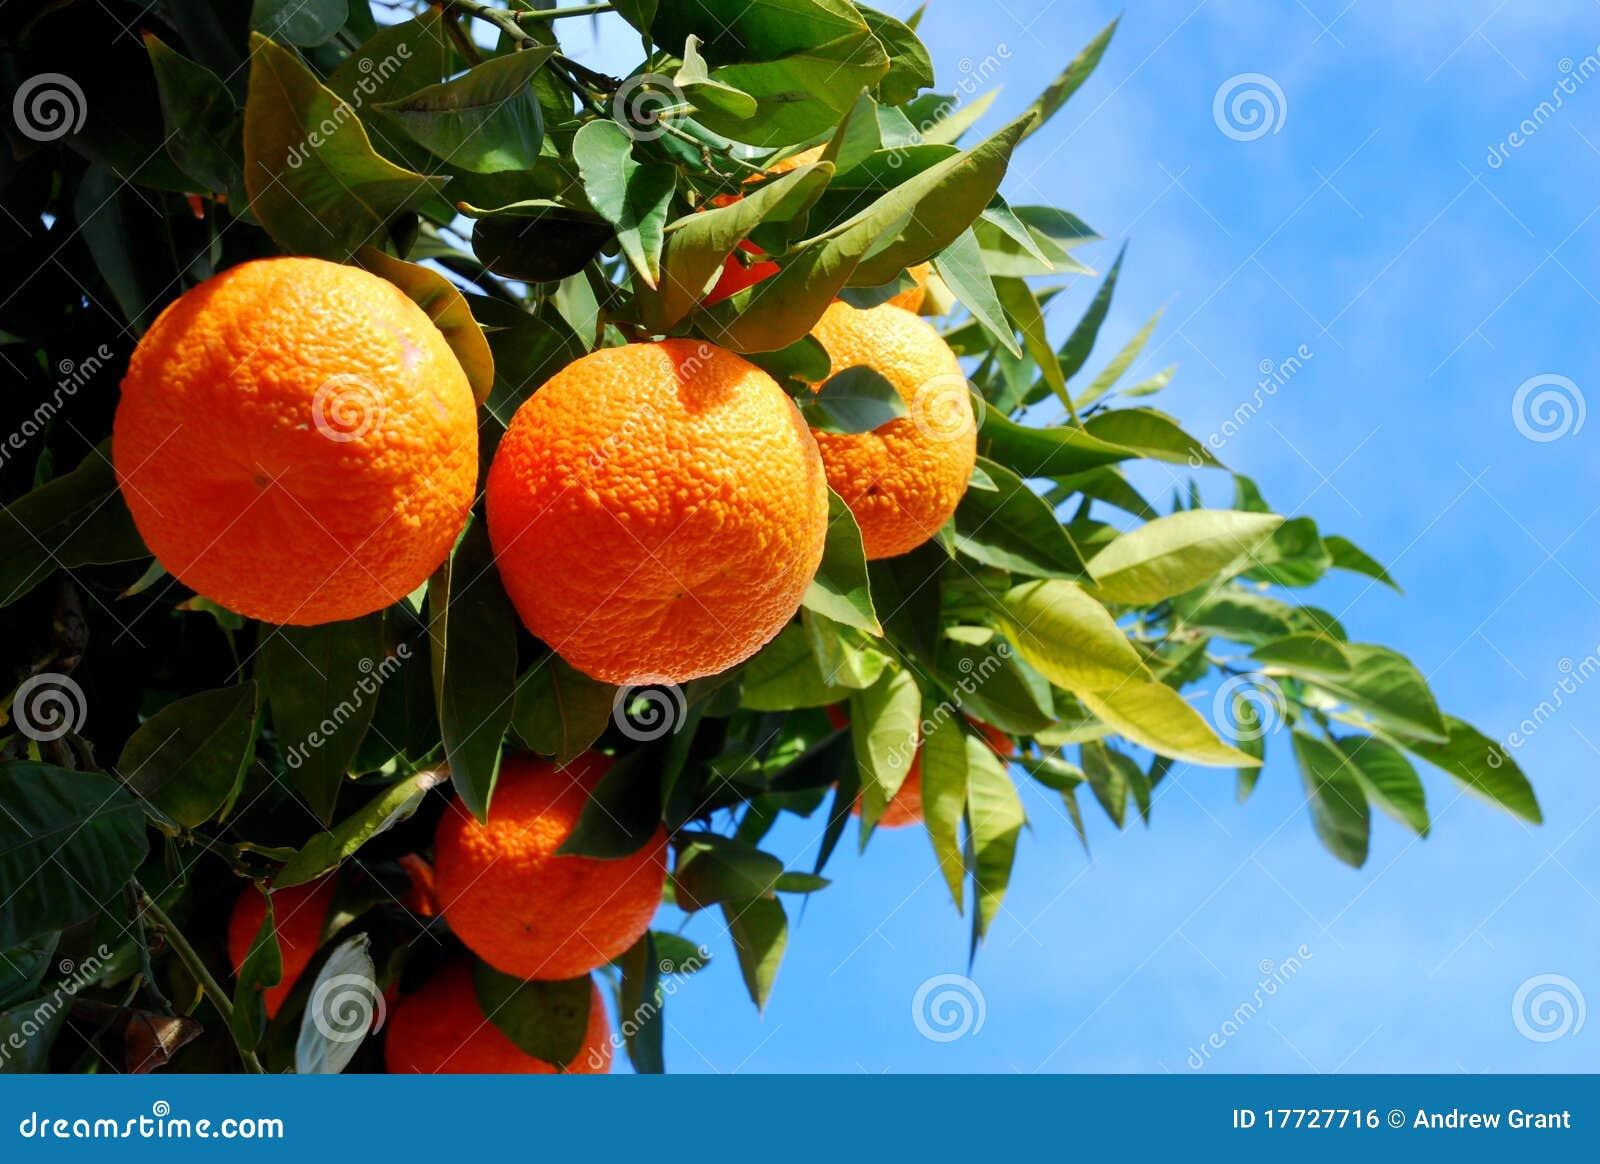 Orangen auf einem Baum